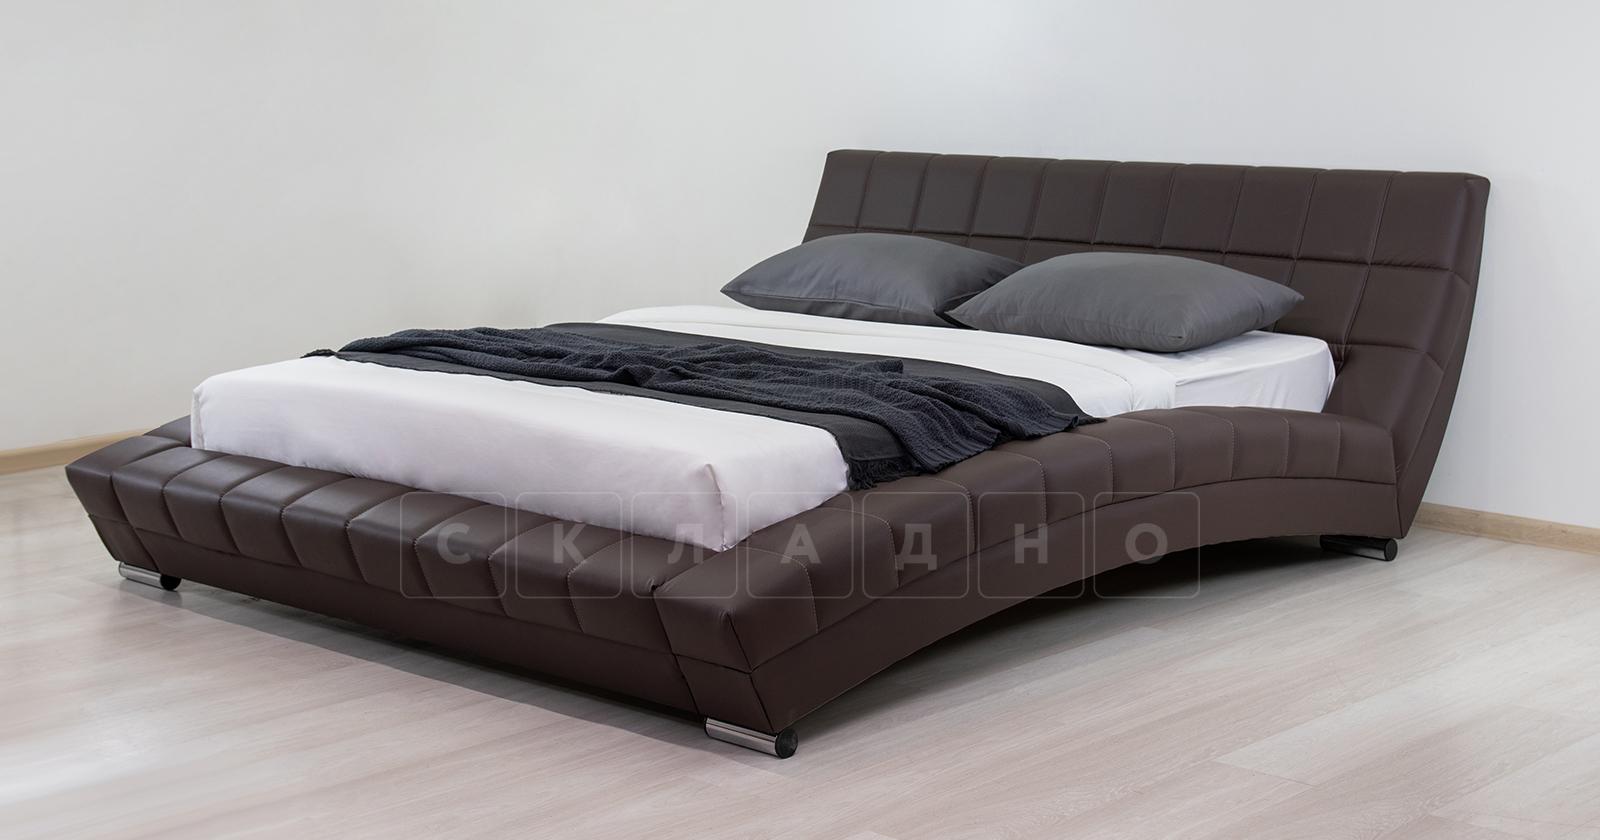 Мягкая кровать Оливия 160 см экокожа шоколад фото 4 | интернет-магазин Складно